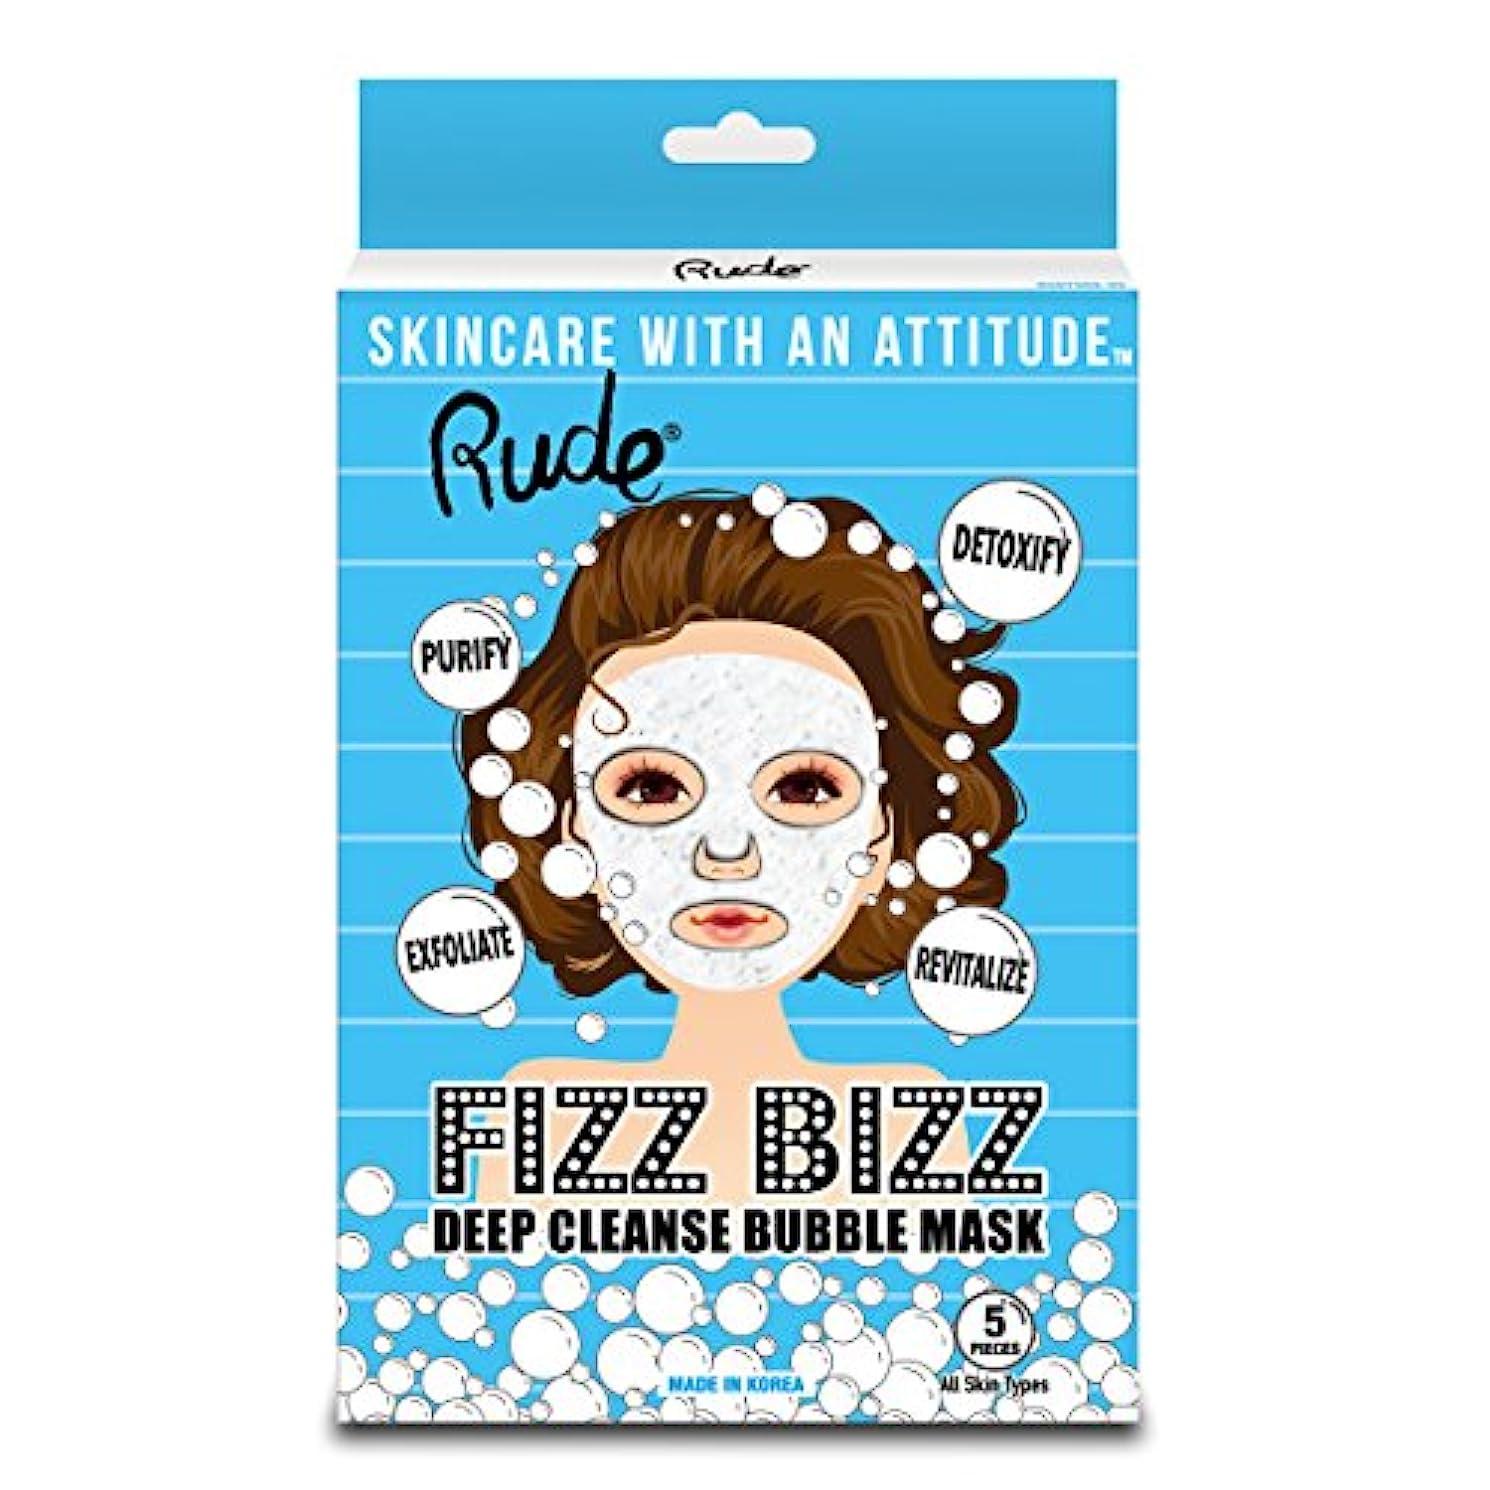 これらトレーダー気楽なRUDE Fizz Bizz Deep Cleanse Bubble Mask, Pack of 5 (並行輸入品)